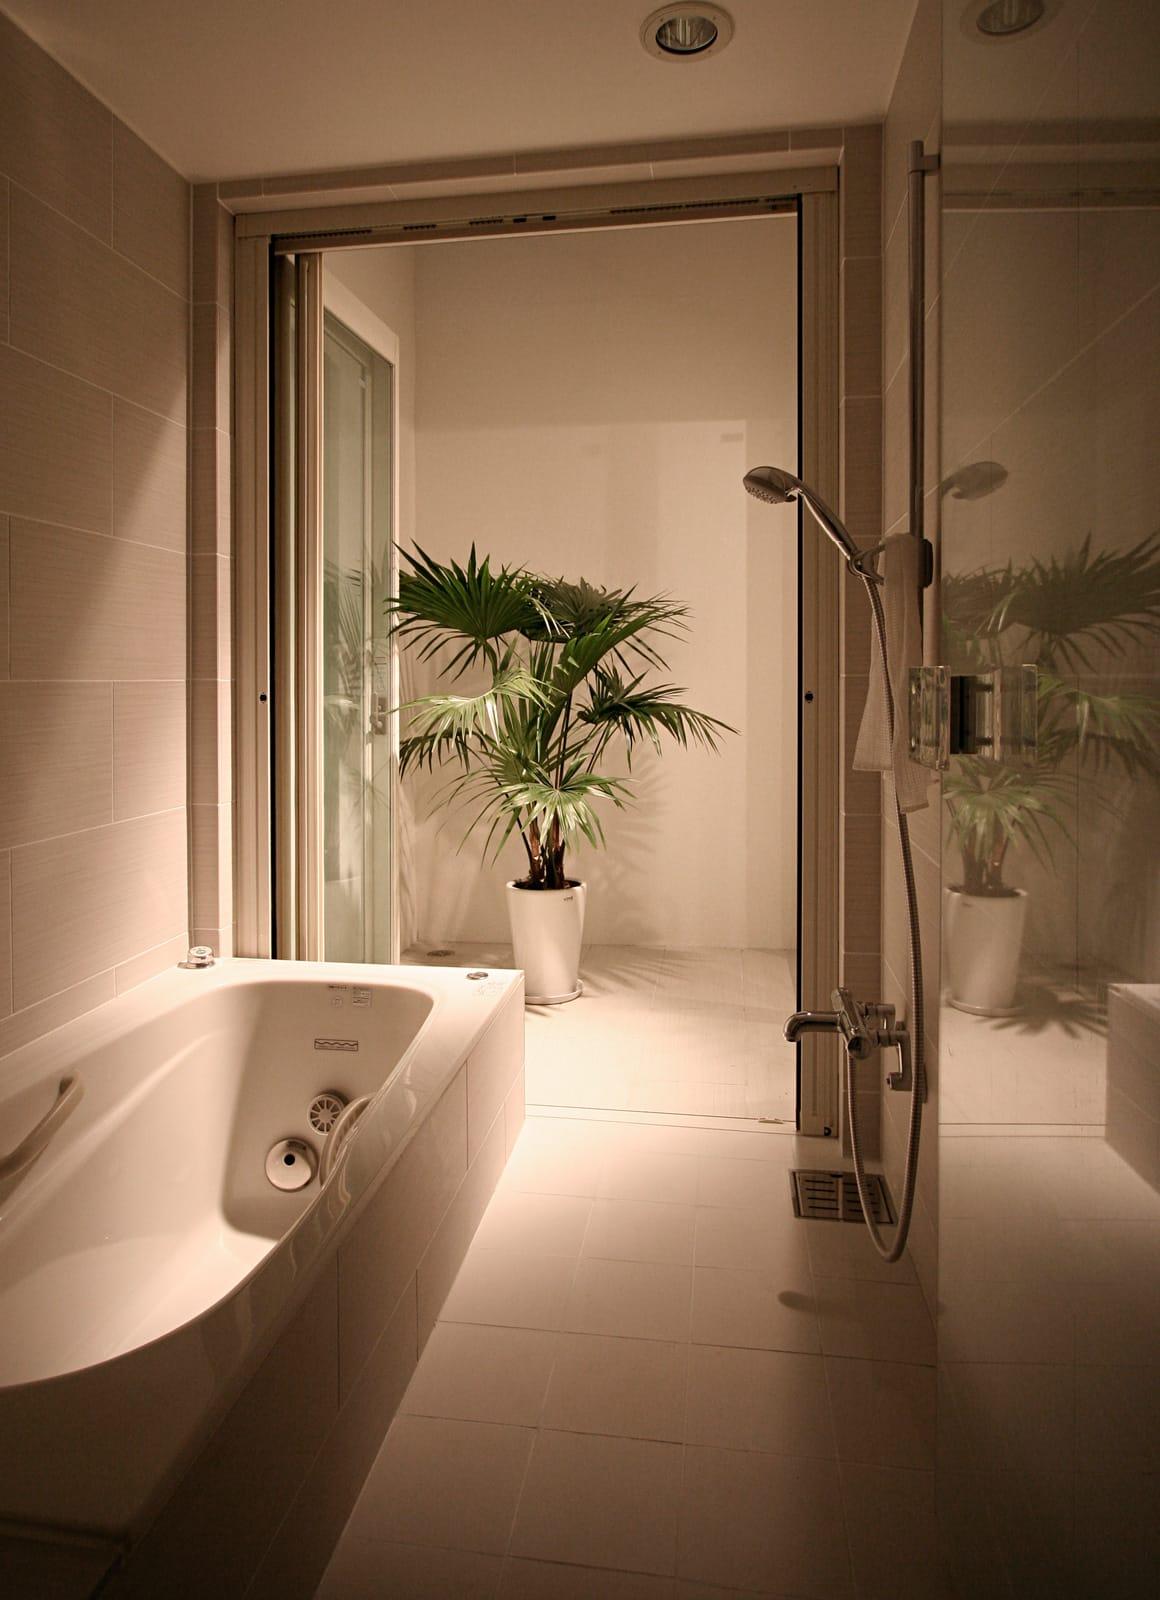 インナーテラスのある明るい住宅の浴室・洗面室2